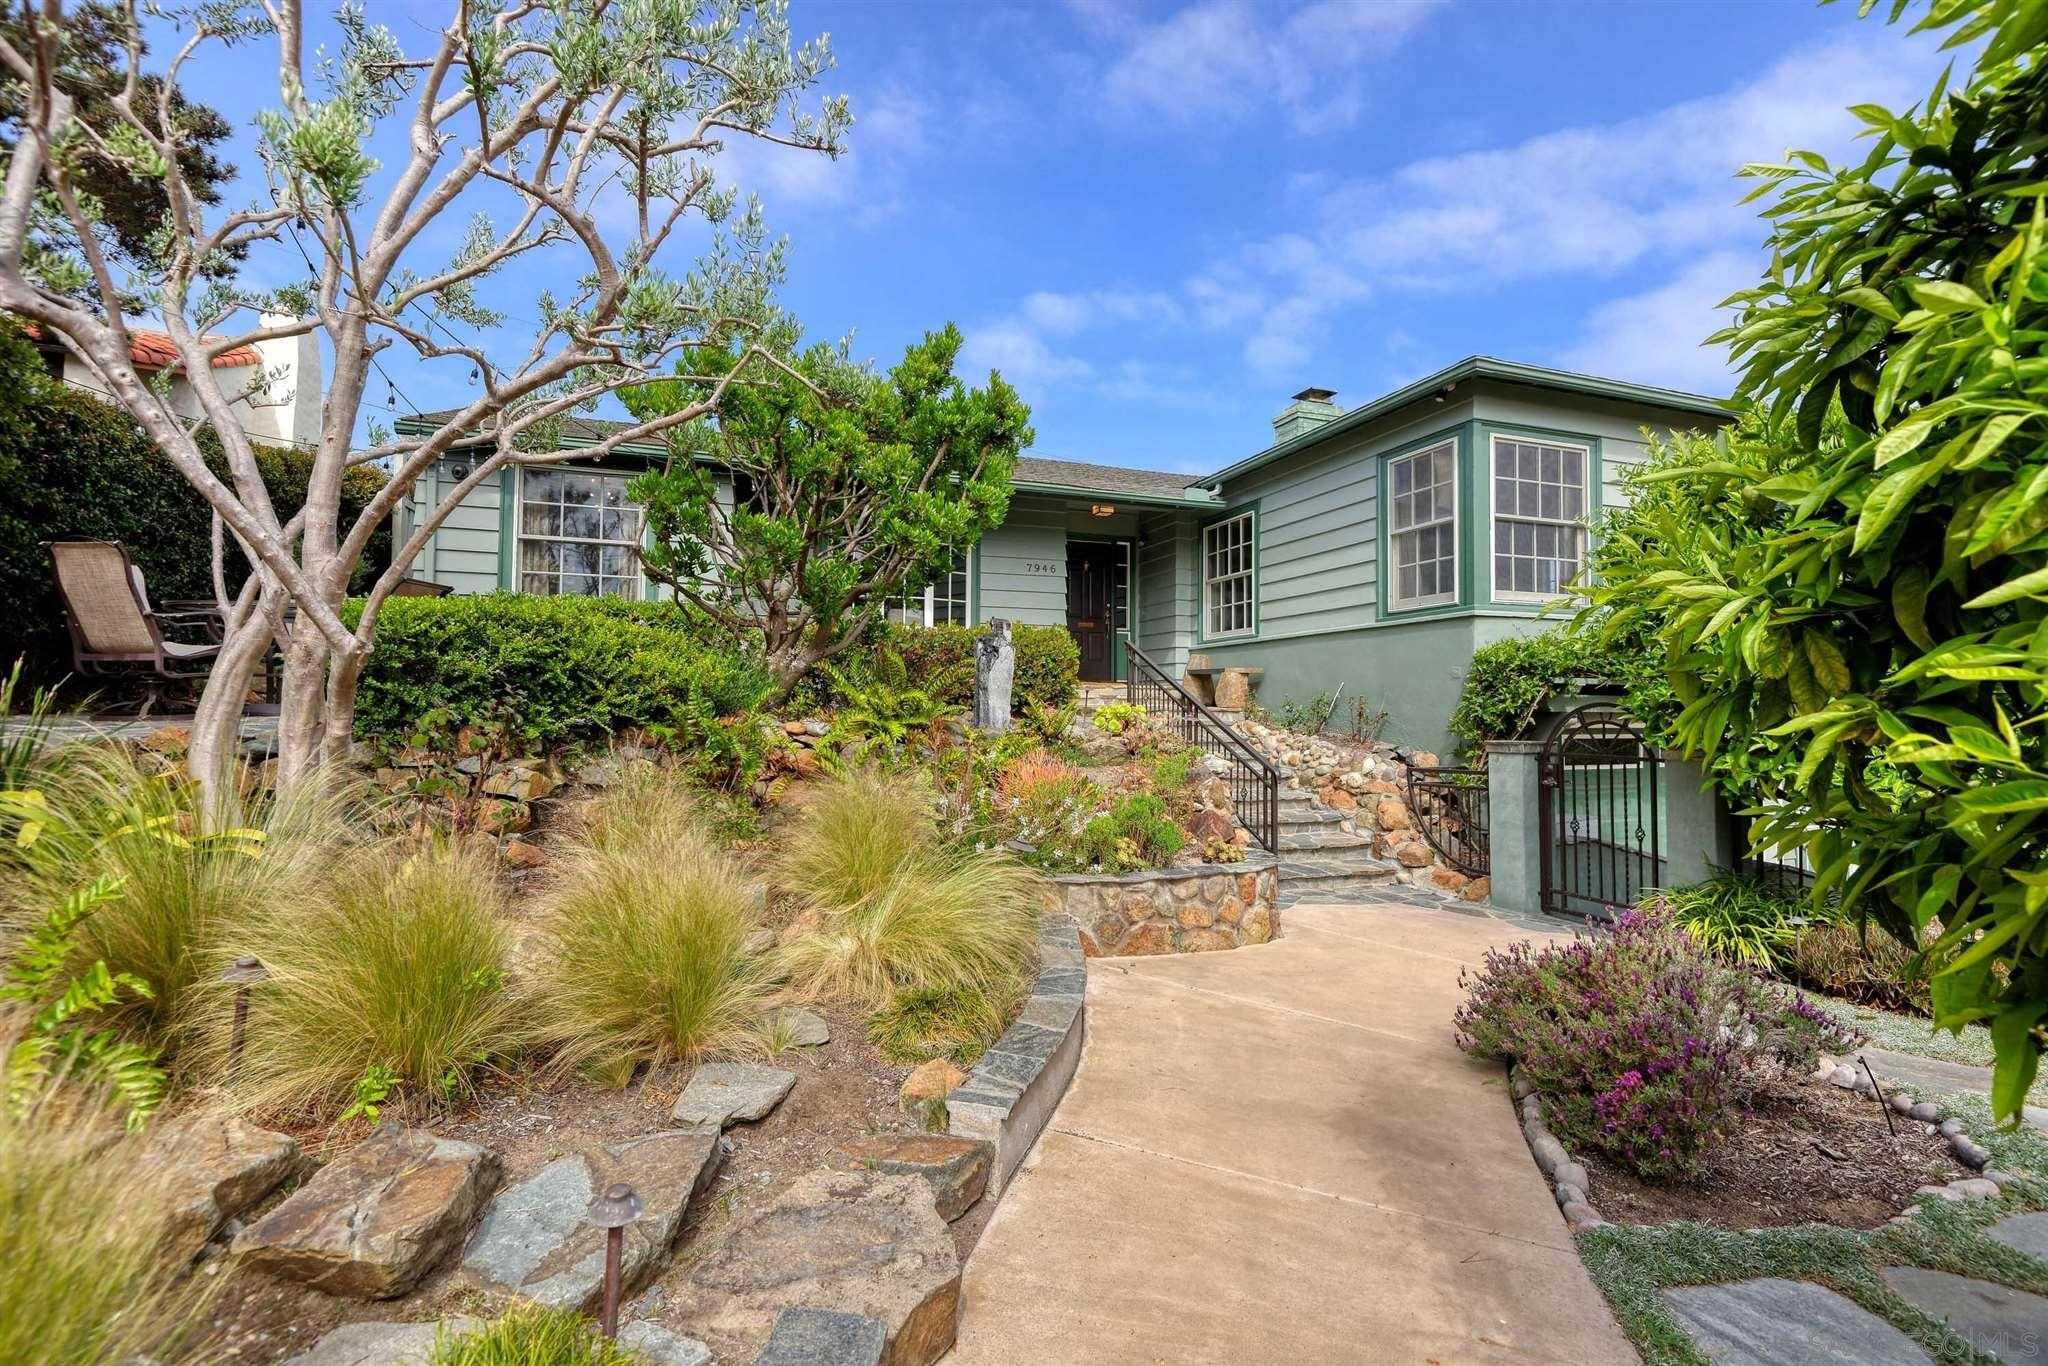 $2,900,000 - 4Br/3Ba -  for Sale in La Jolla Shores, San Diego